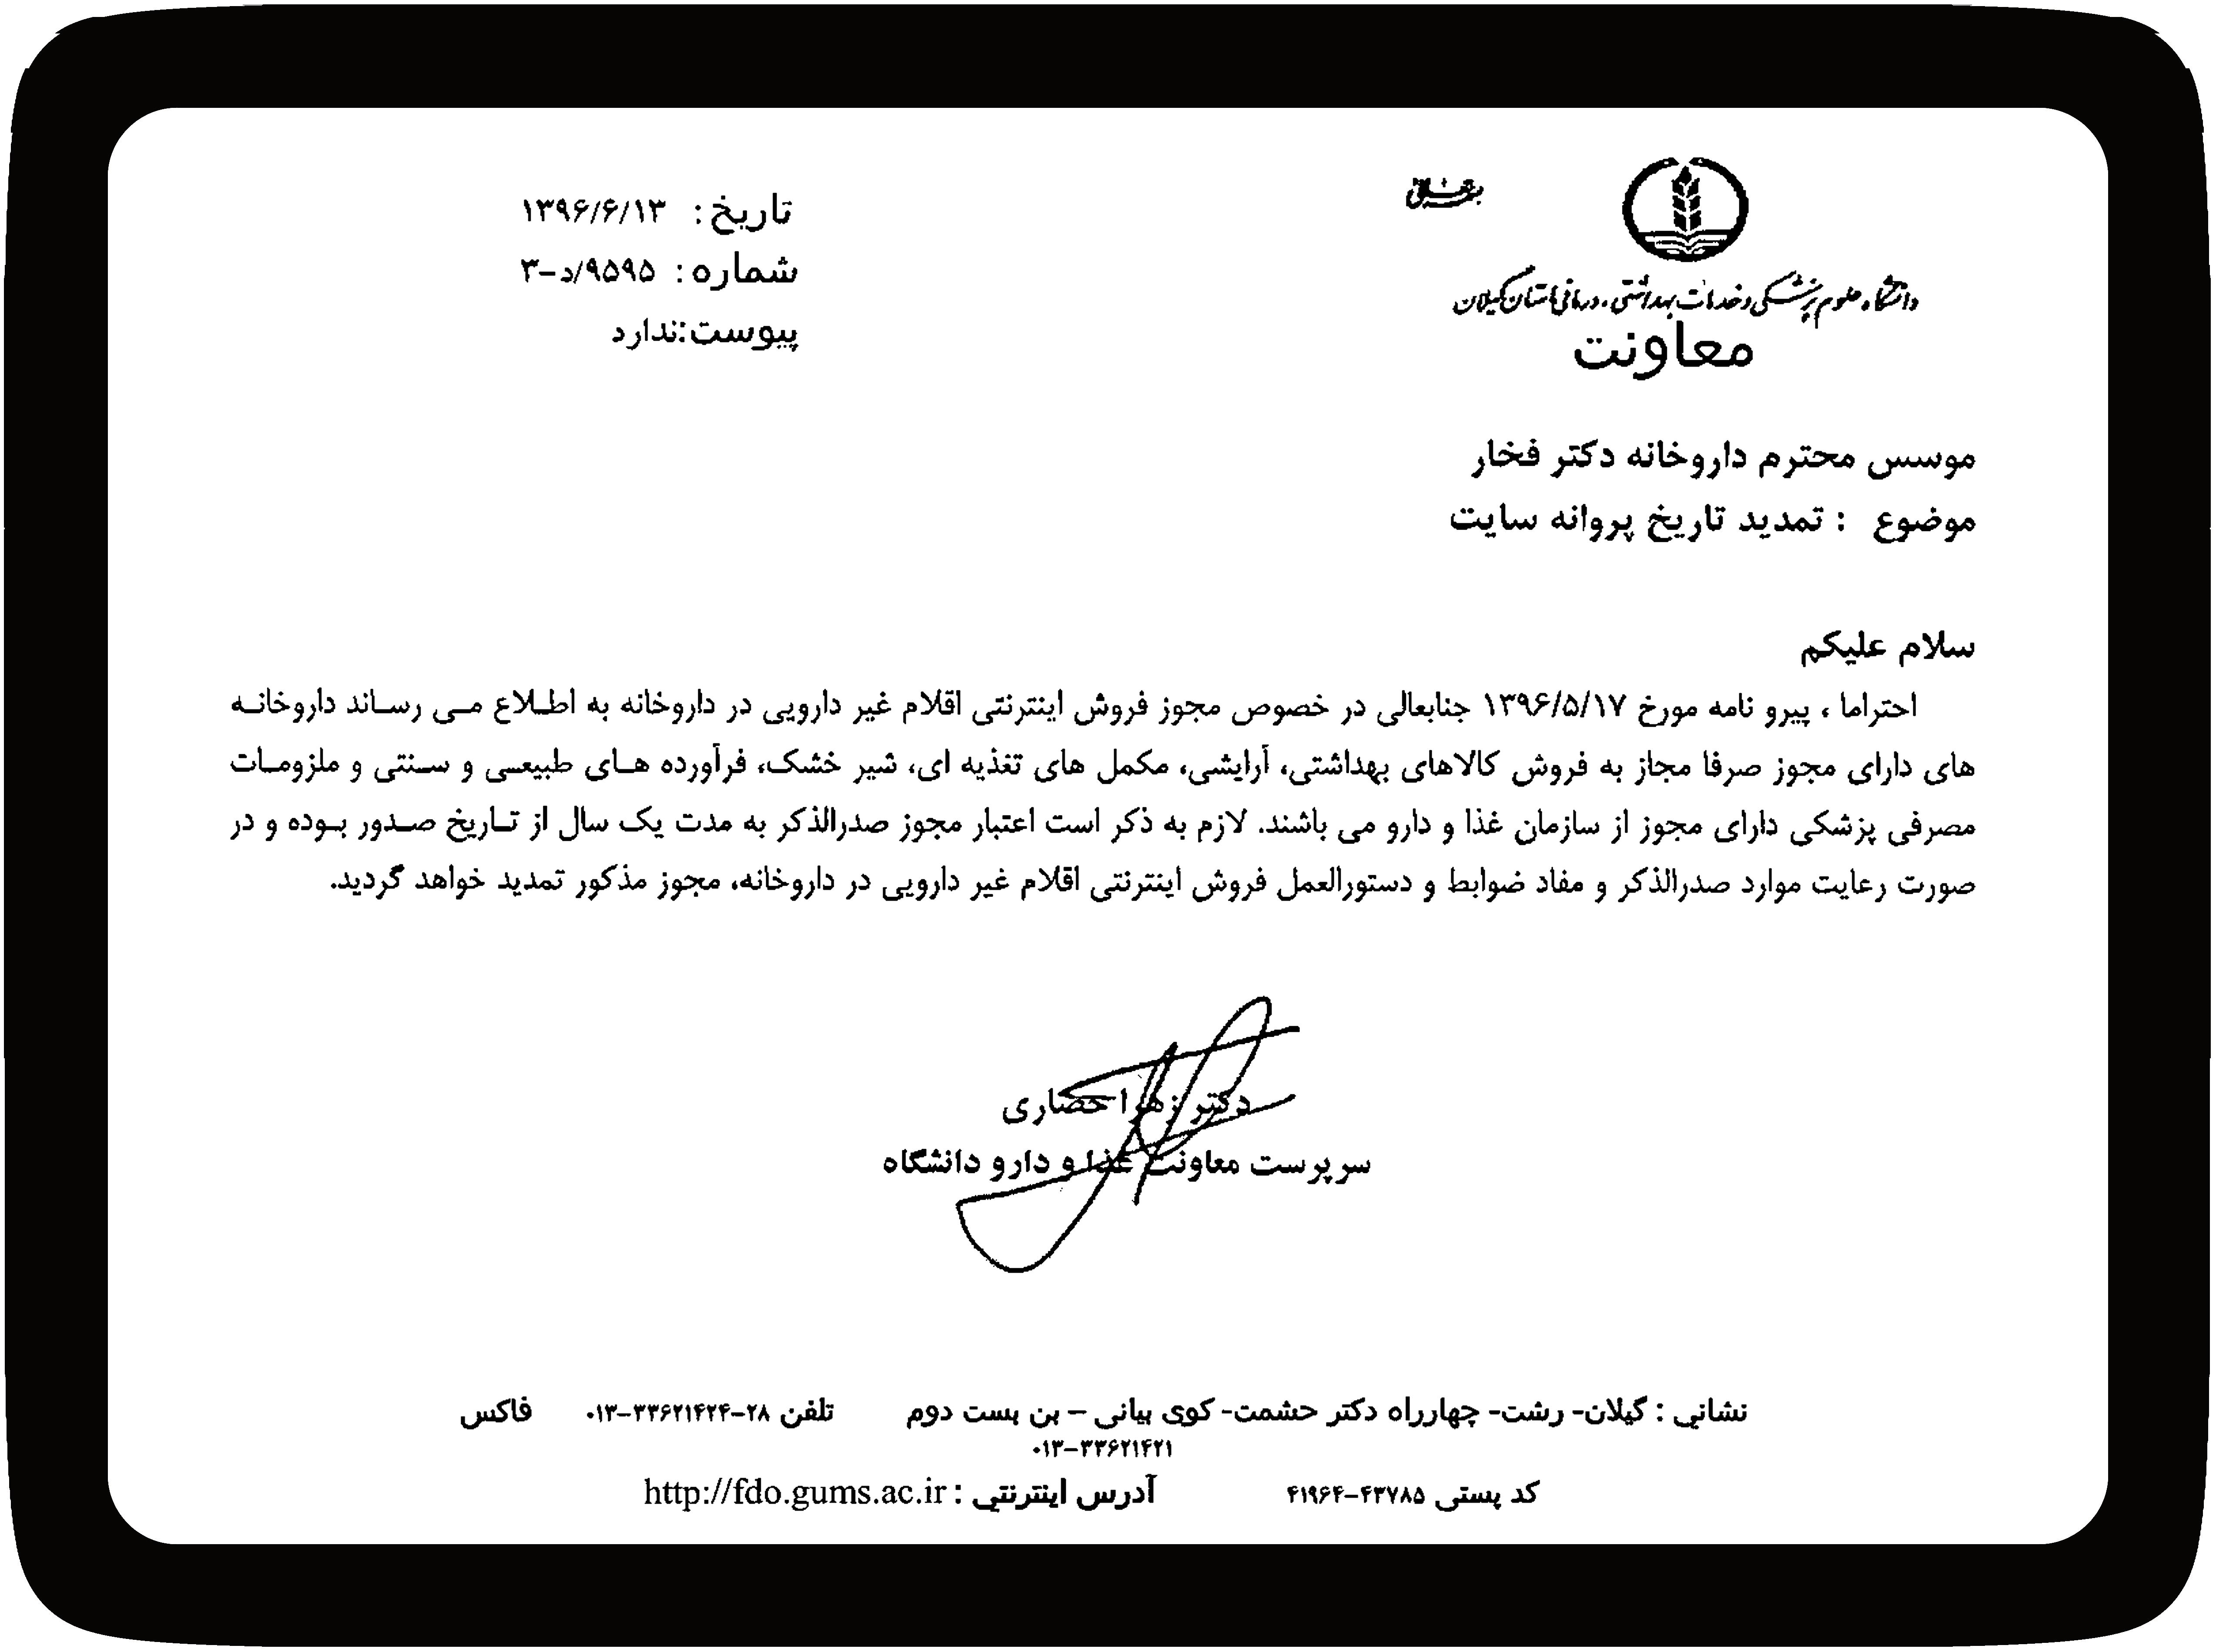 مجوز فروش اقلام غیر دارویی داروخانه دکتر فخار